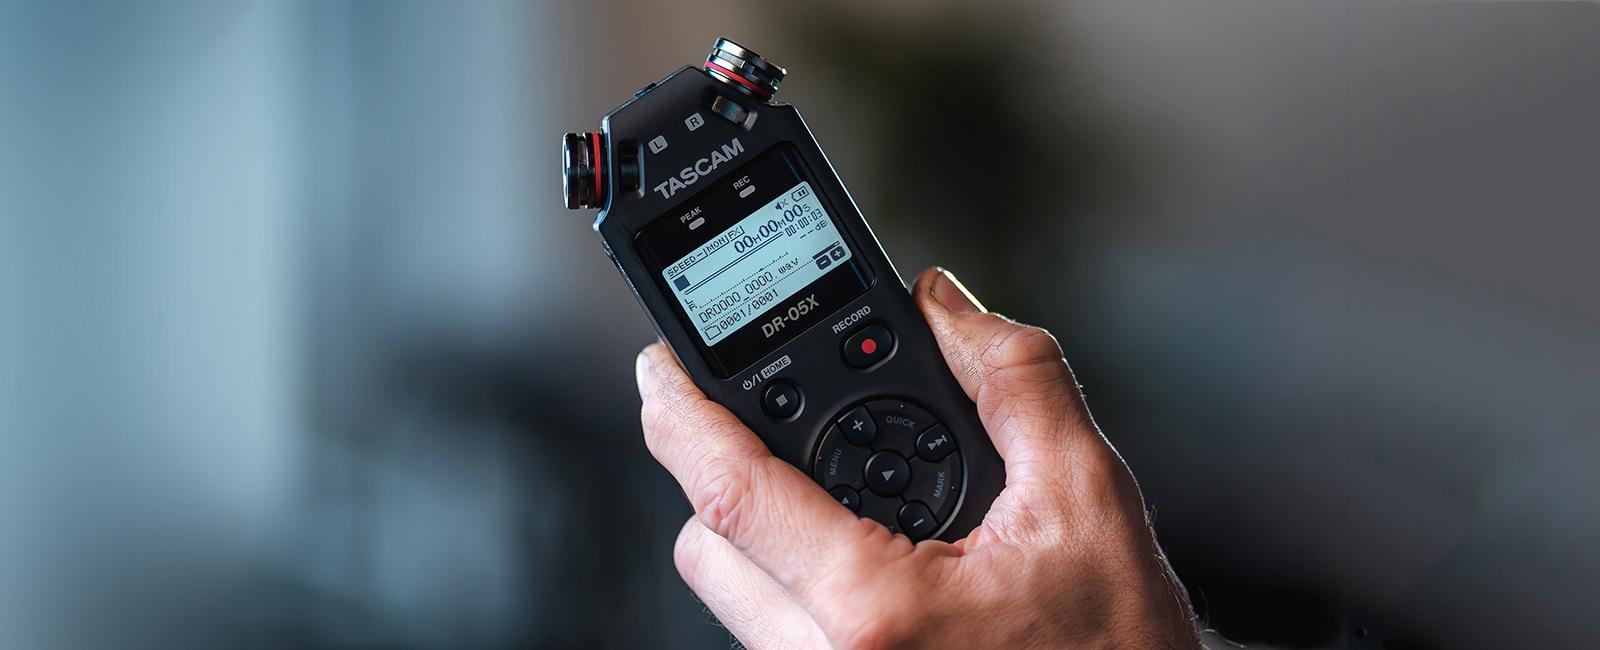 Tascam-Stereo 5 diagrammi polari che ogni video maker dovrebbe conoscere!